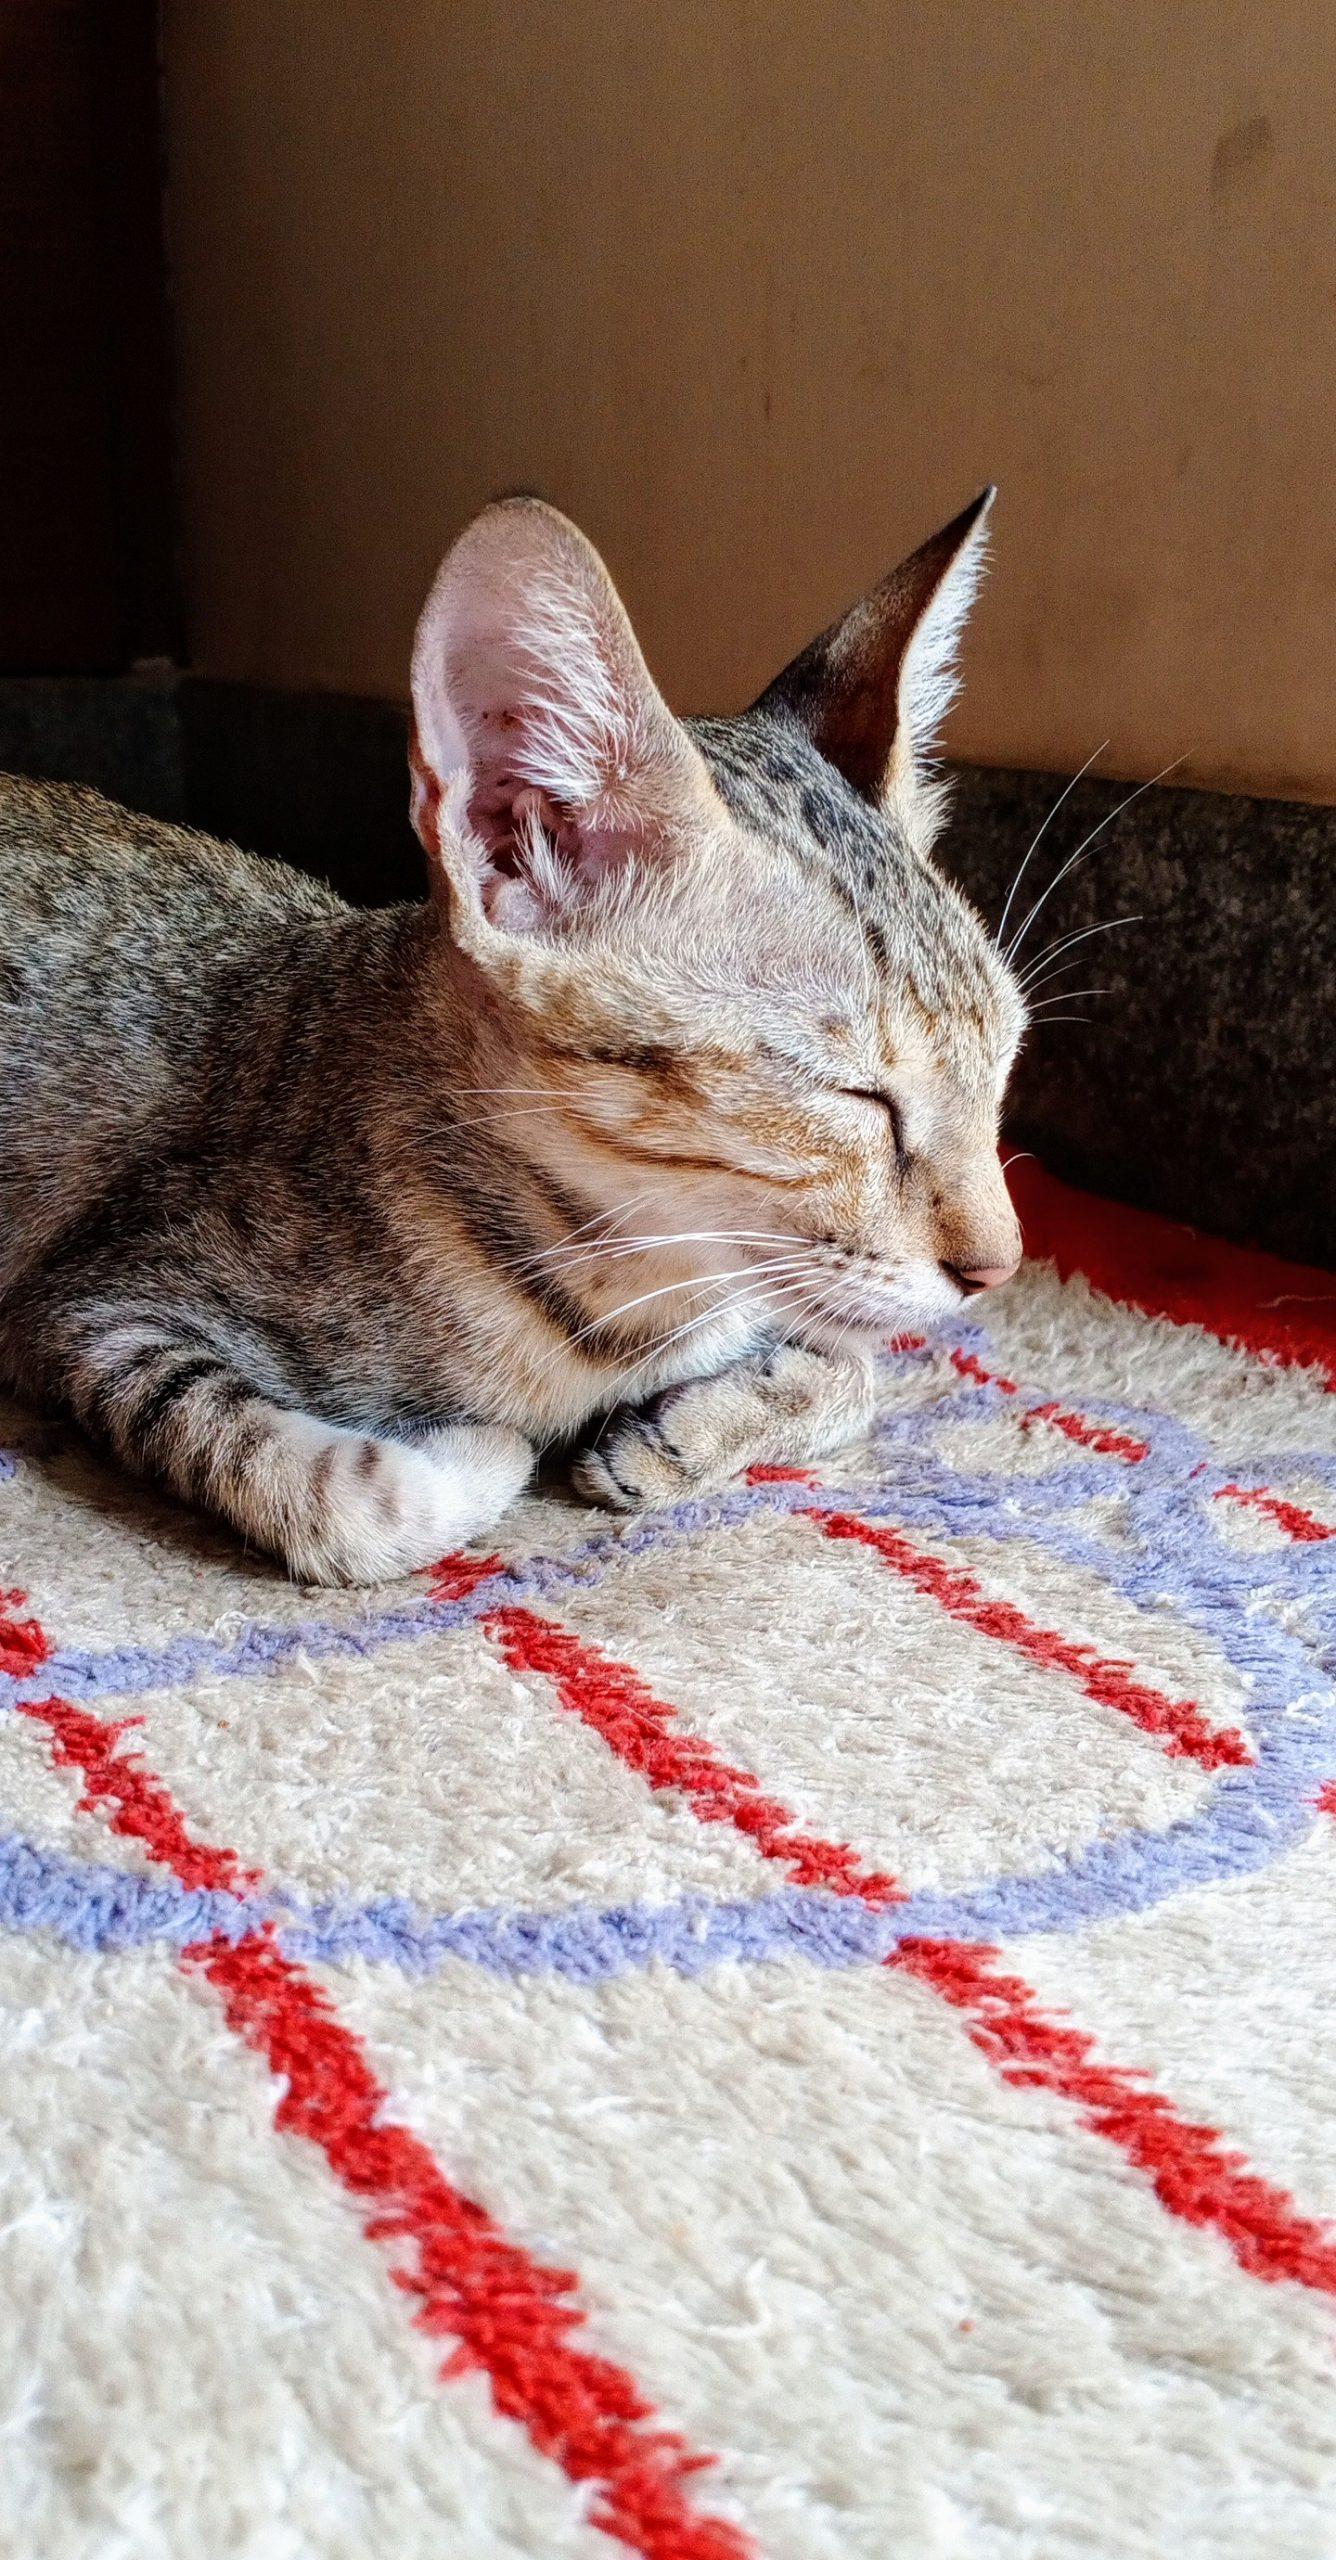 A sleepy cat